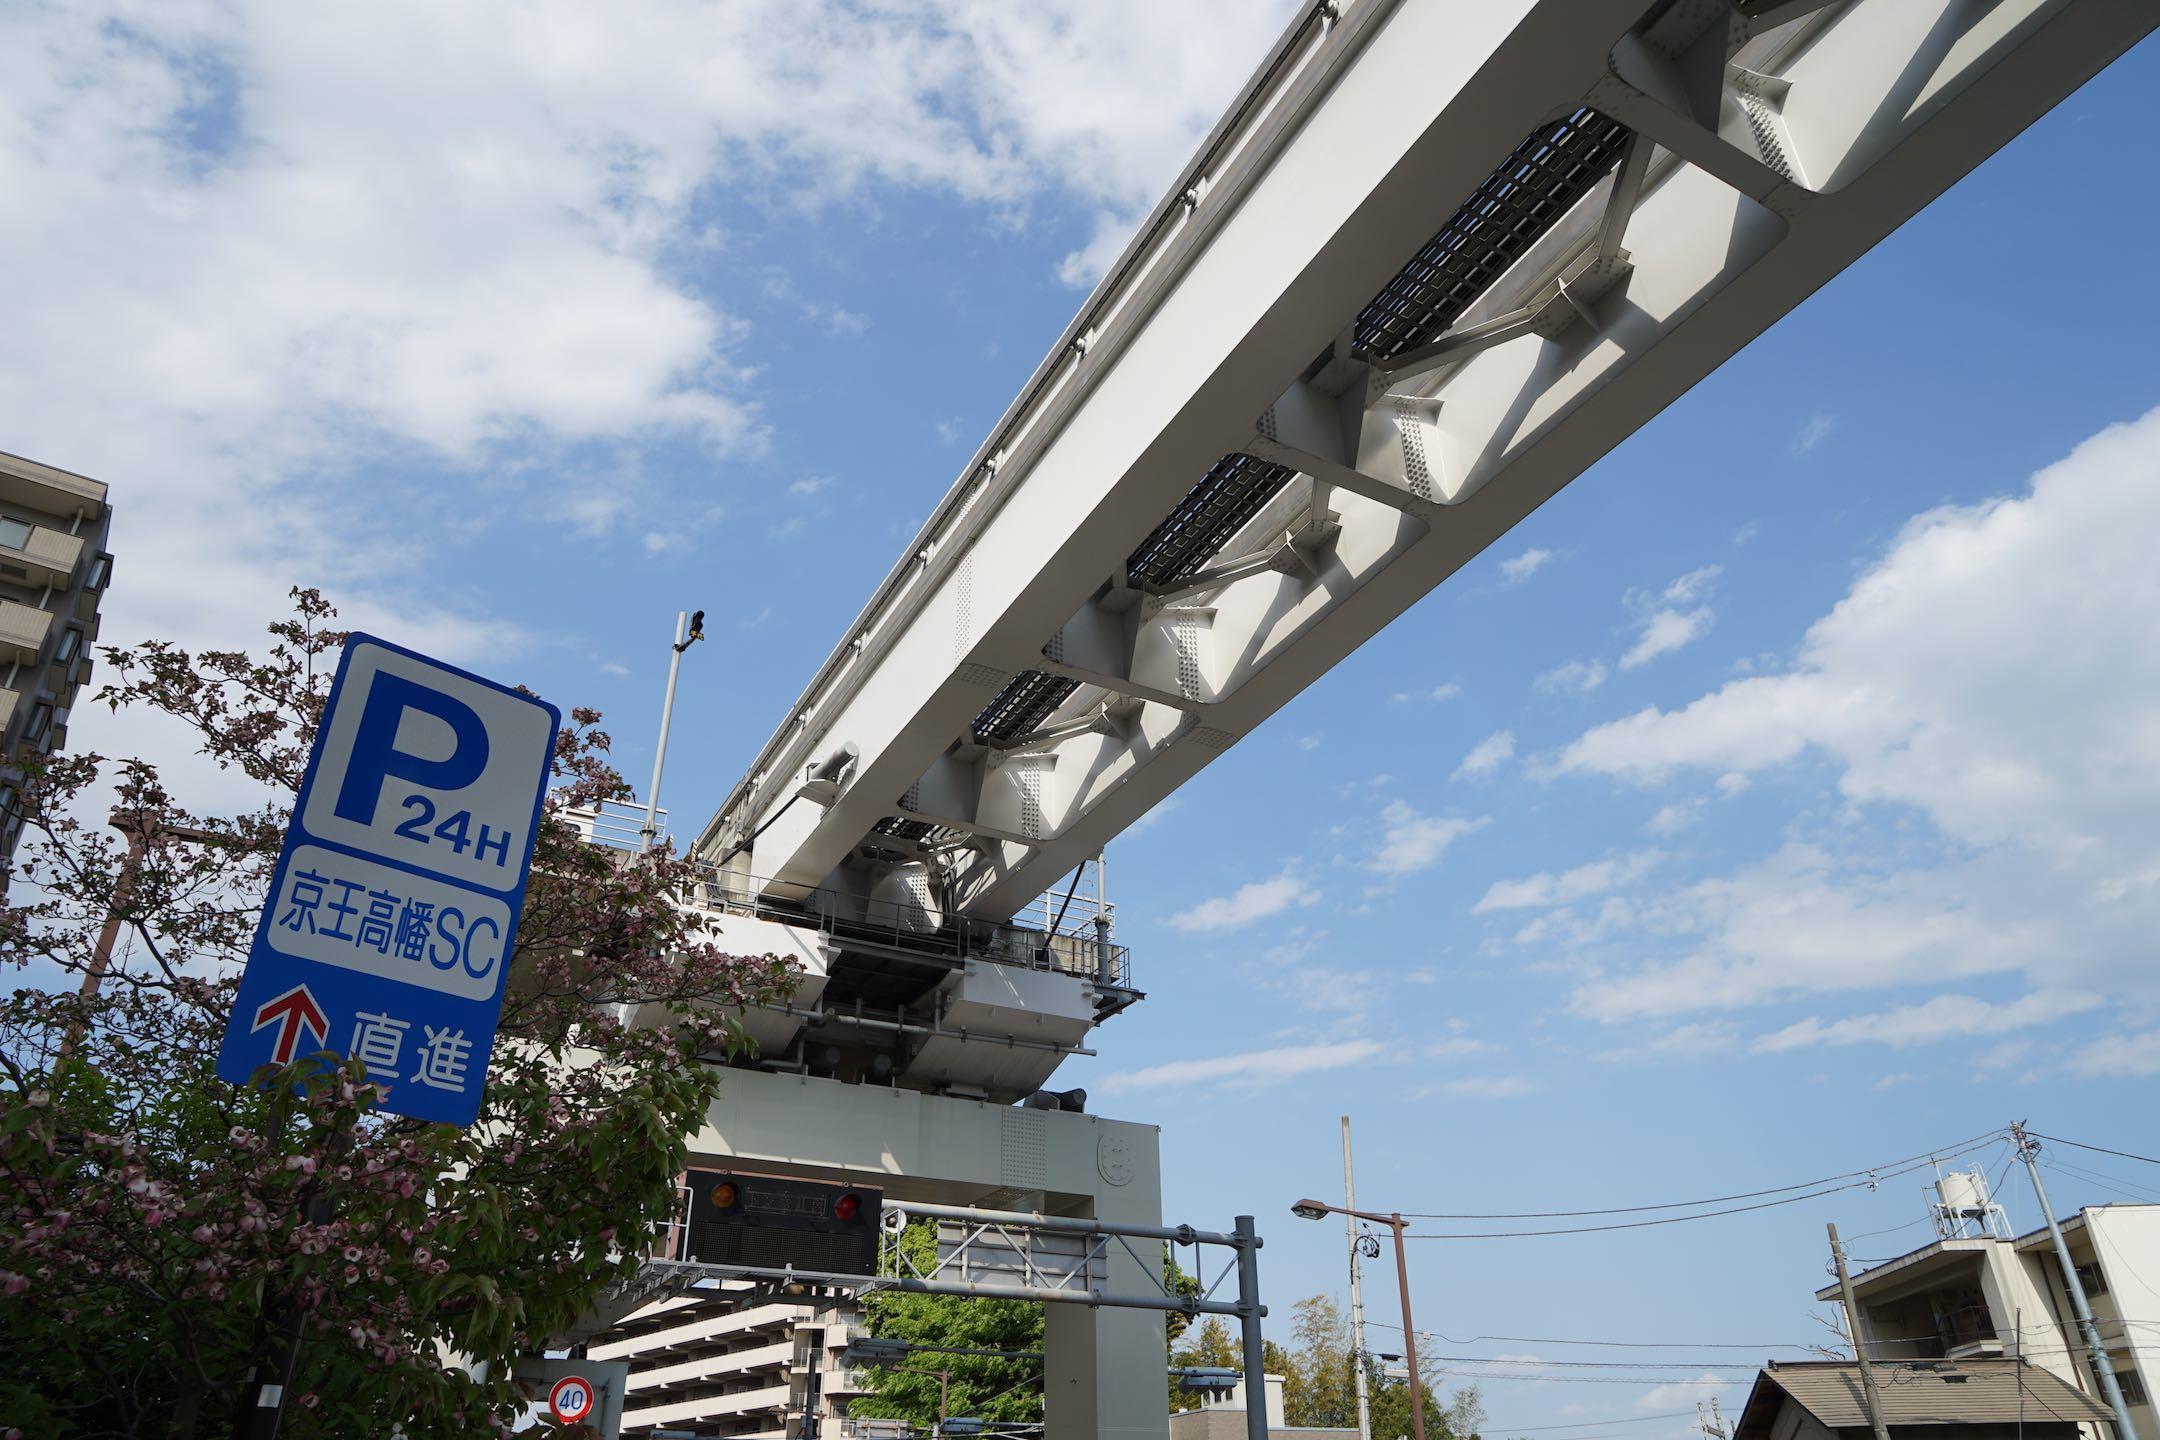 高幡不動駅周辺 1_b0360240_18582351.jpg